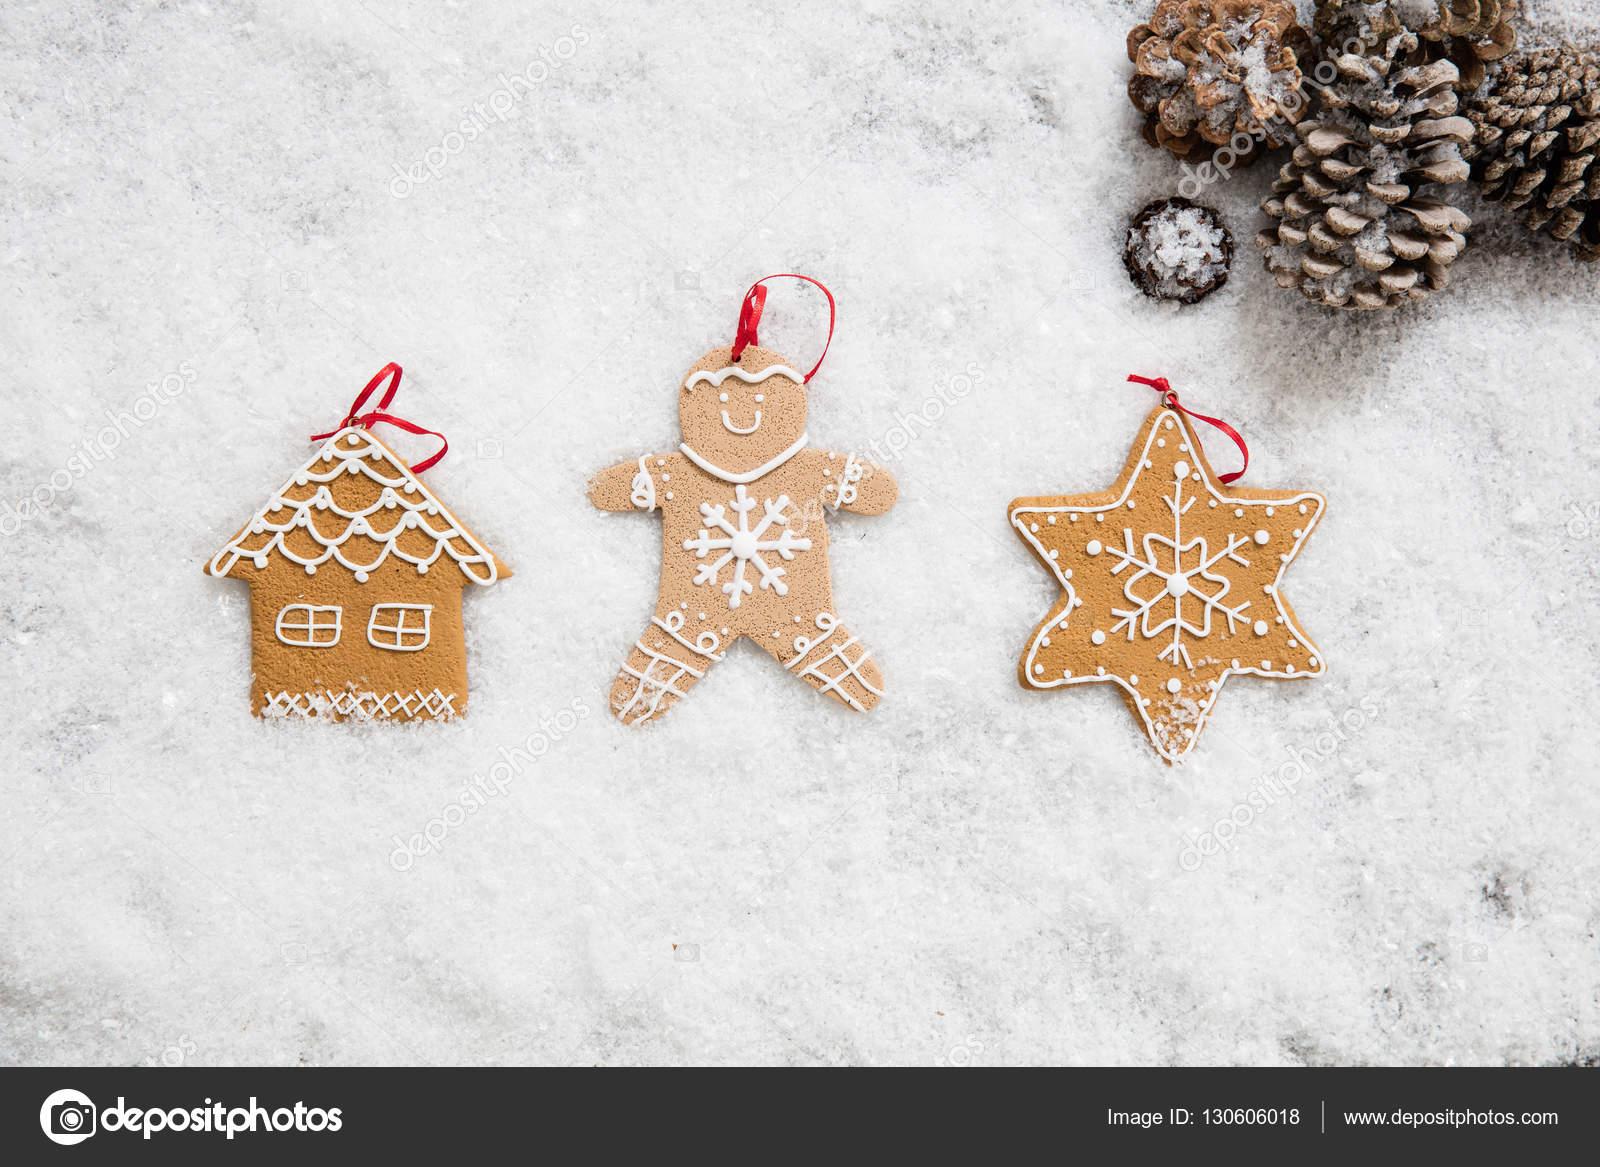 Urlaub Weihnachten Schnee Symbole auf Winter Wallpaper, Ansicht von ...